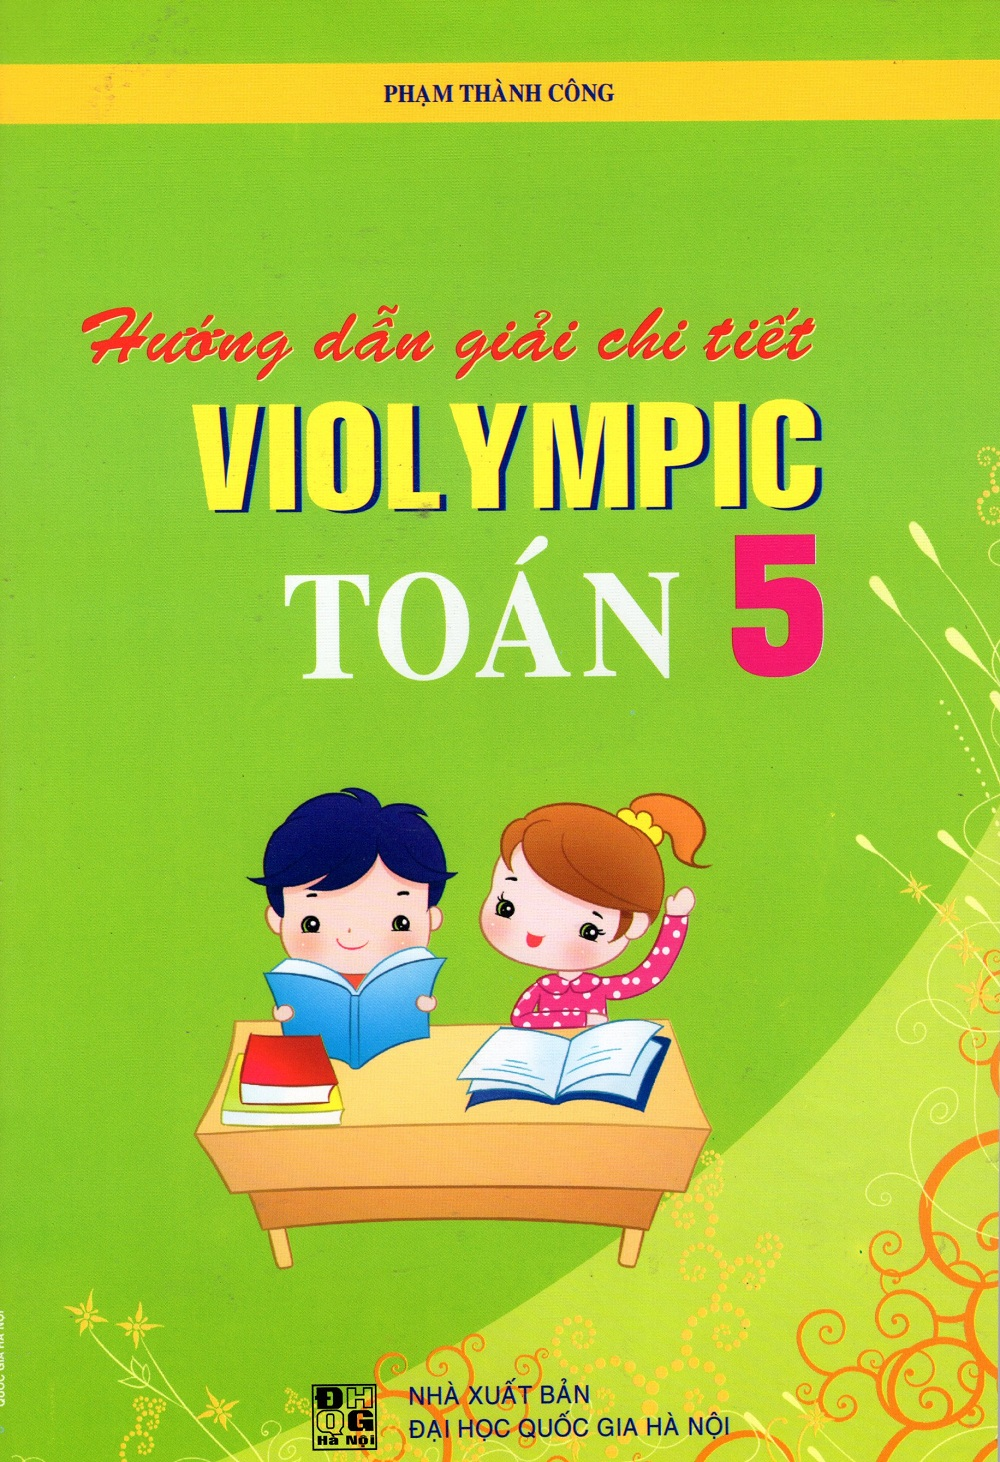 Hướng Dẫn Giải Chi Tiết Violympic Toán Lớp 5 - 8936036303216,62_216384,25000,tiki.vn,Huong-Dan-Giai-Chi-Tiet-Violympic-Toan-Lop-5-62_216384,Hướng Dẫn Giải Chi Tiết Violympic Toán Lớp 5